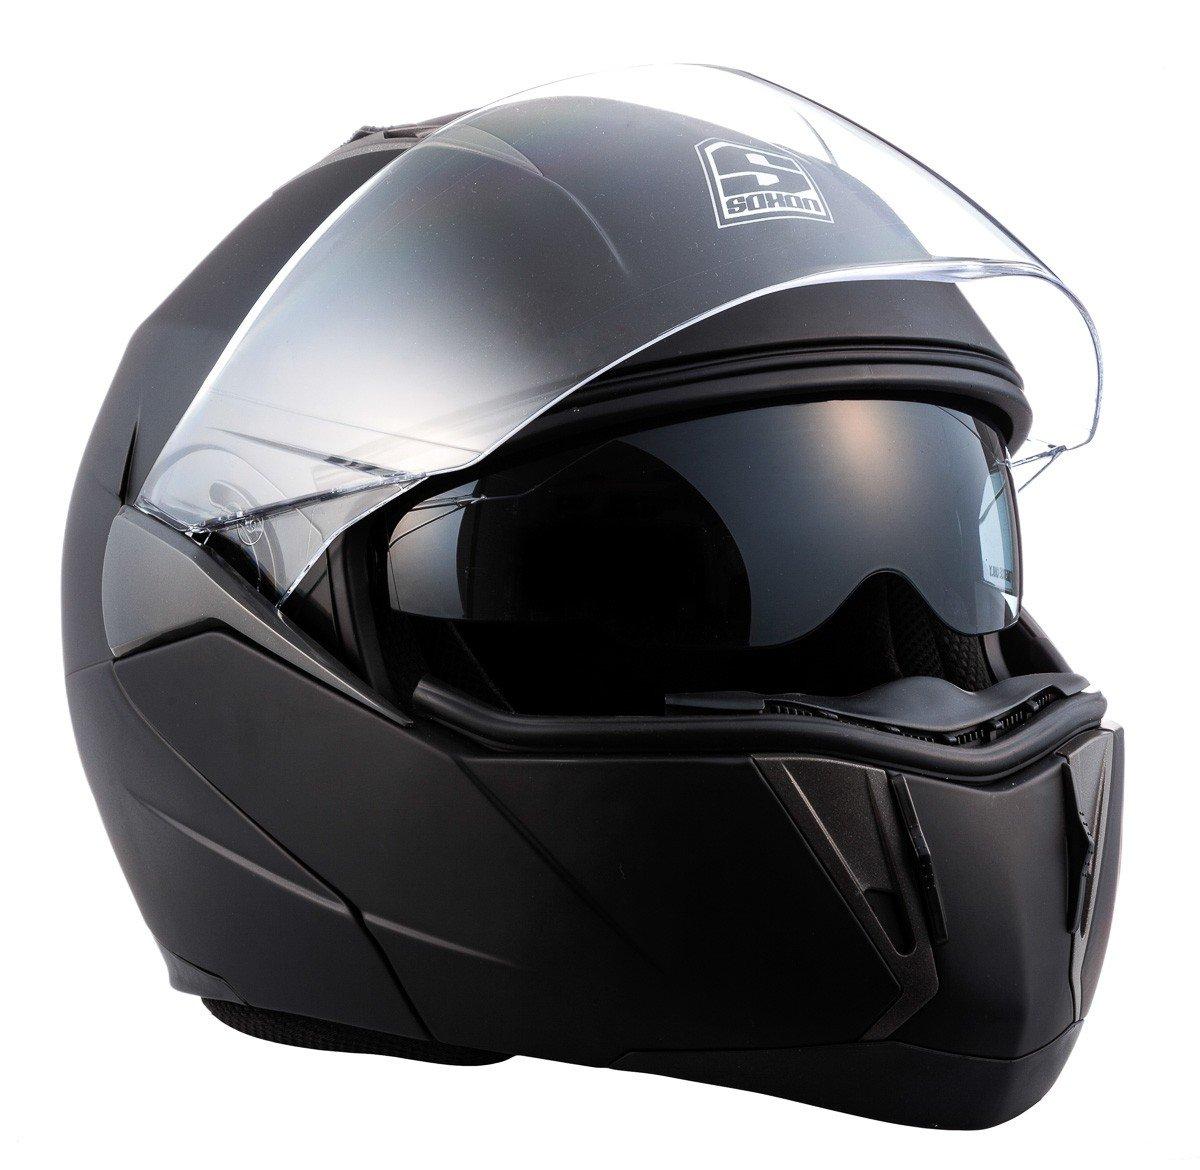 SOXON SF-99 Neon Yellow /· Integrale Sport Casco da motocicletta modulare Moto Cruiser Modular-Helmet Urbano Scooter Urban Flip-Up /· ECE certificado /· dos viseras incluidas /· incluyendo bolsa de casco /· Amarillo /· M